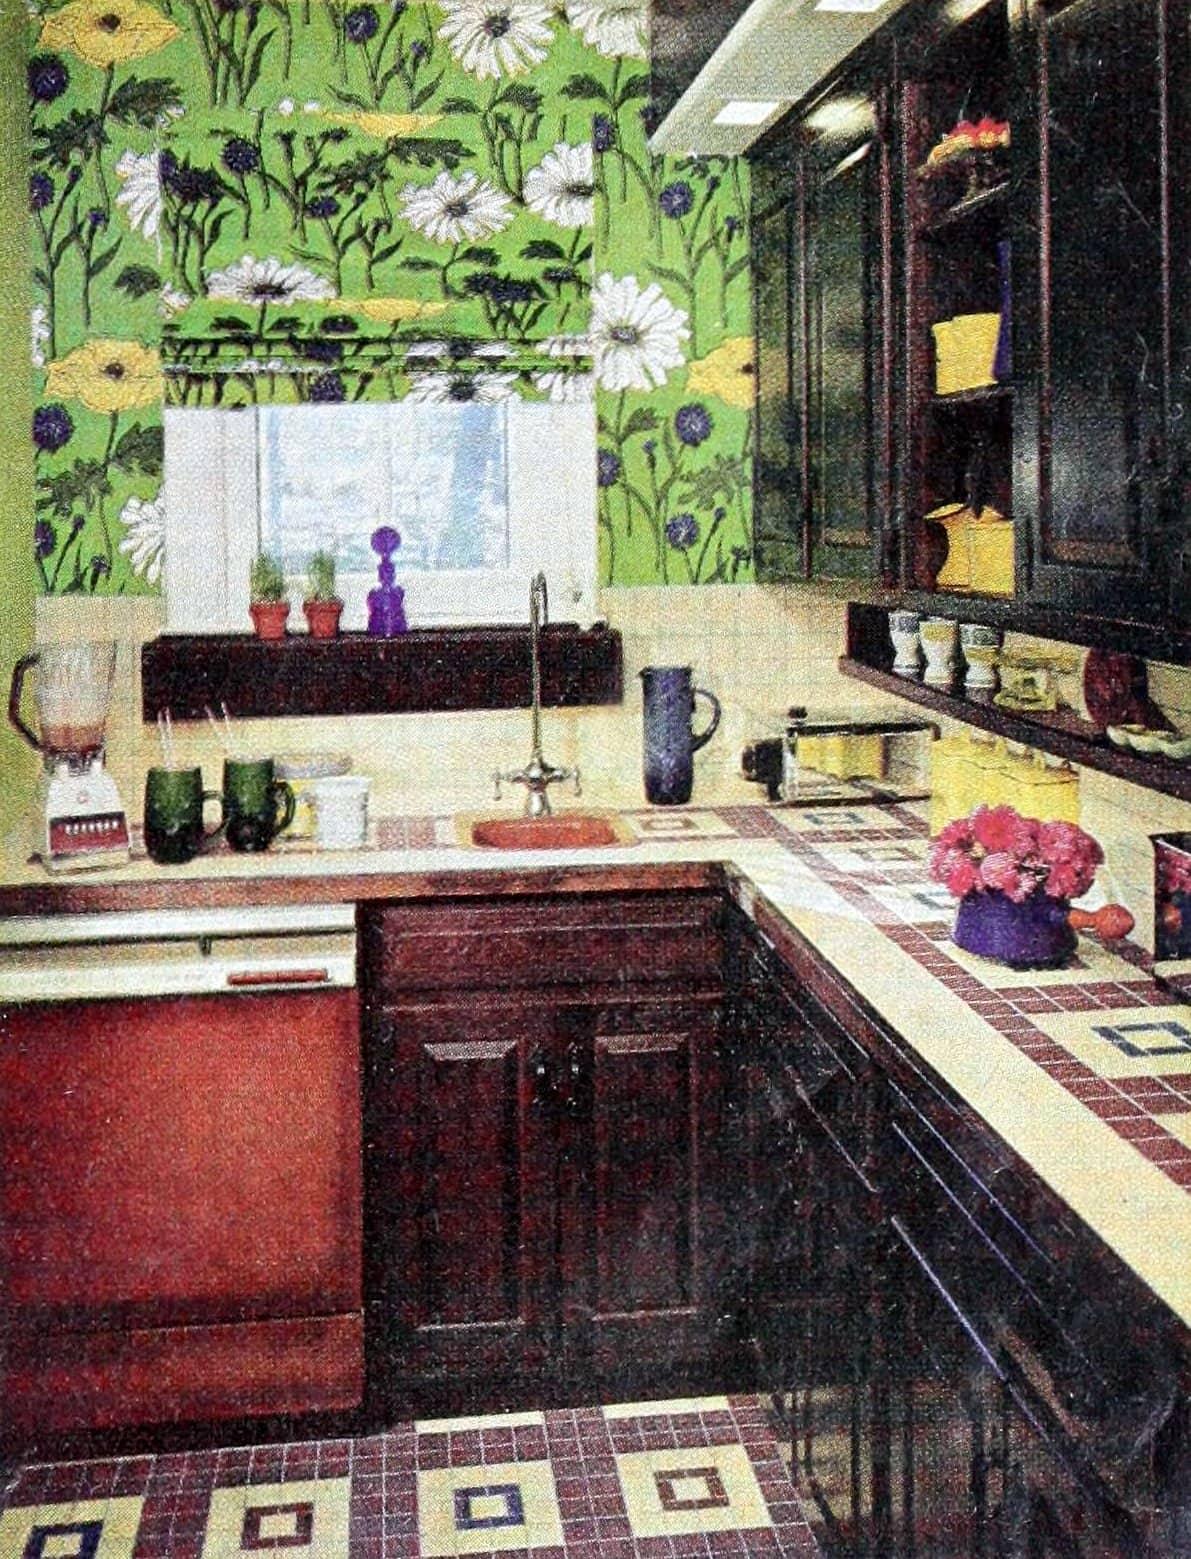 Retro 1967 kitchen tile decor